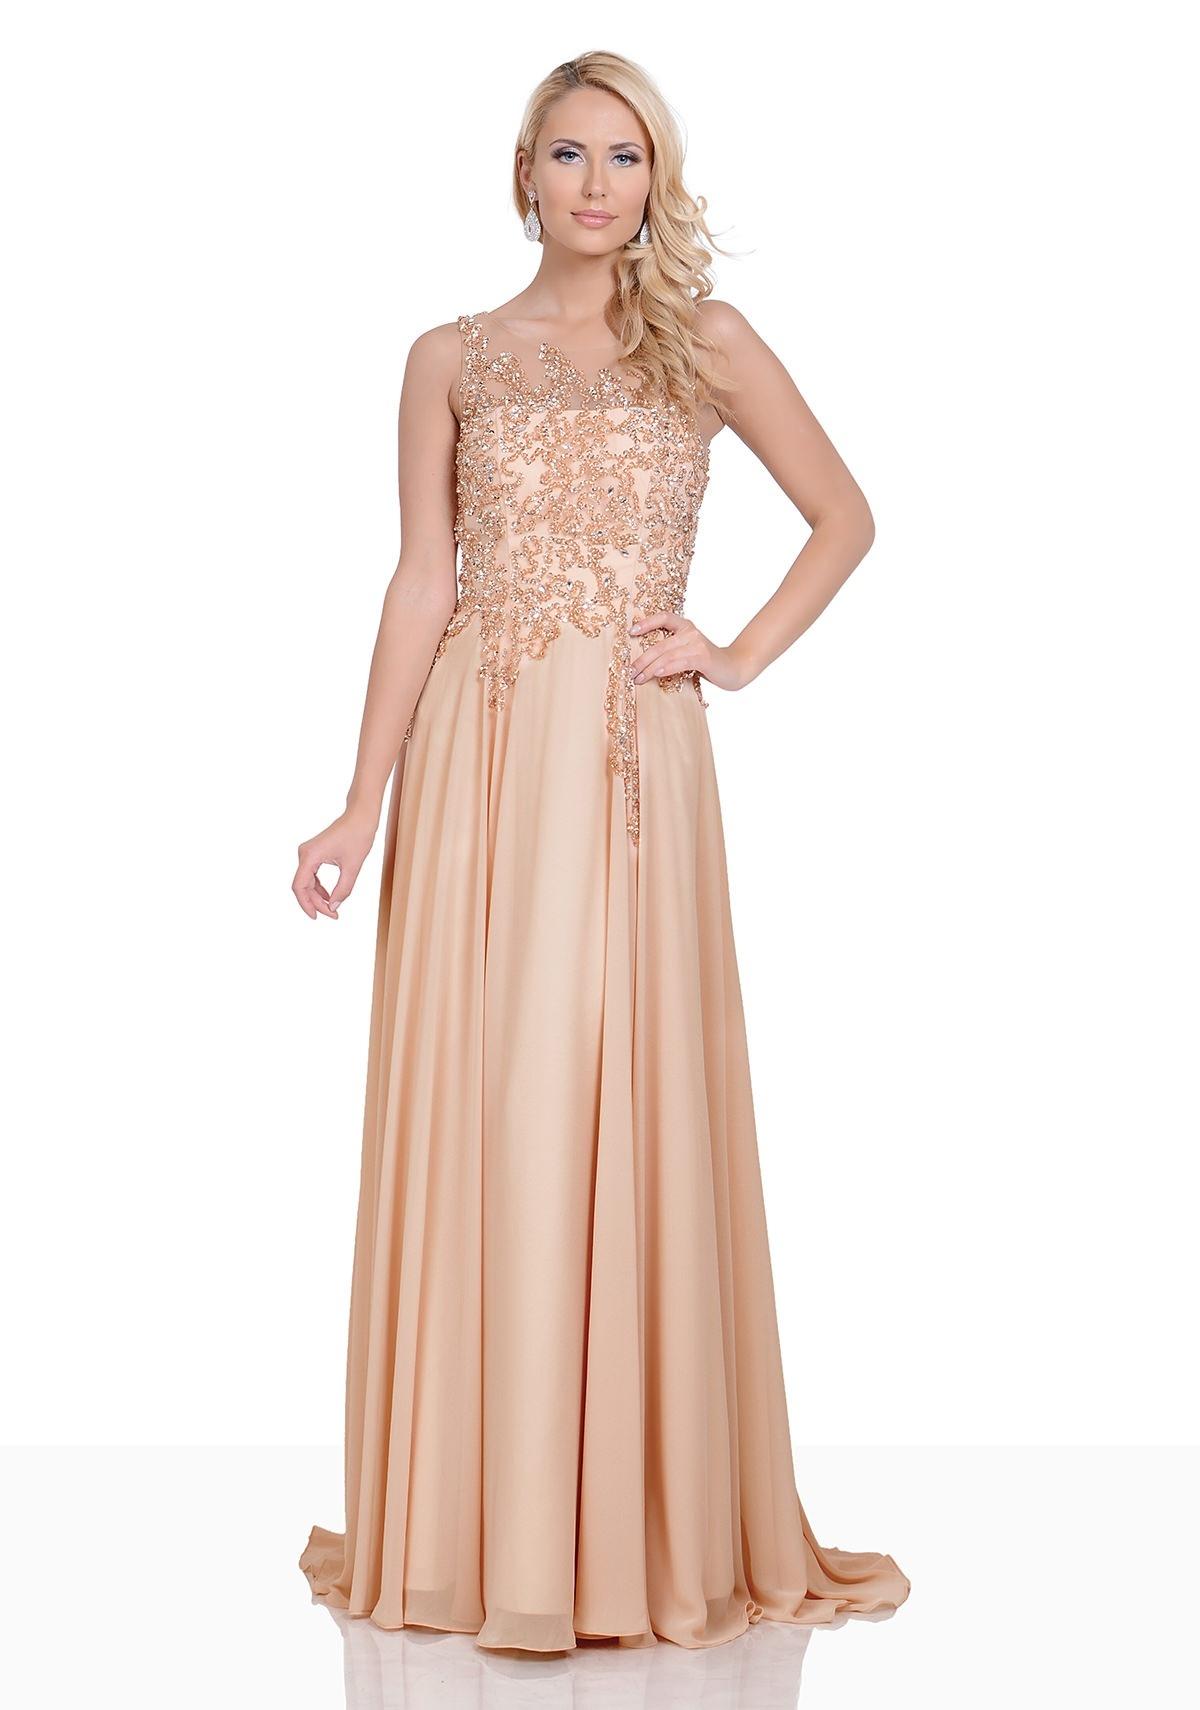 20 Ausgezeichnet Abendkleid Gold GalerieFormal Luxurius Abendkleid Gold Stylish